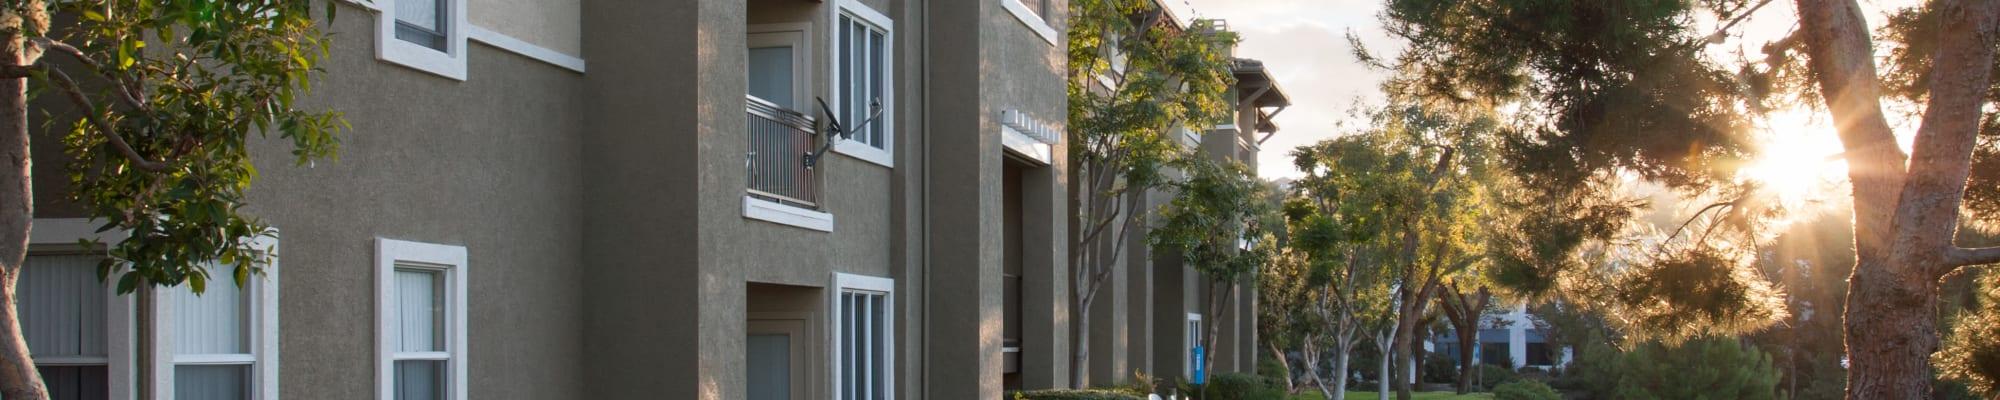 Community perks at Alicante Apartment Homes in Aliso Viejo, California